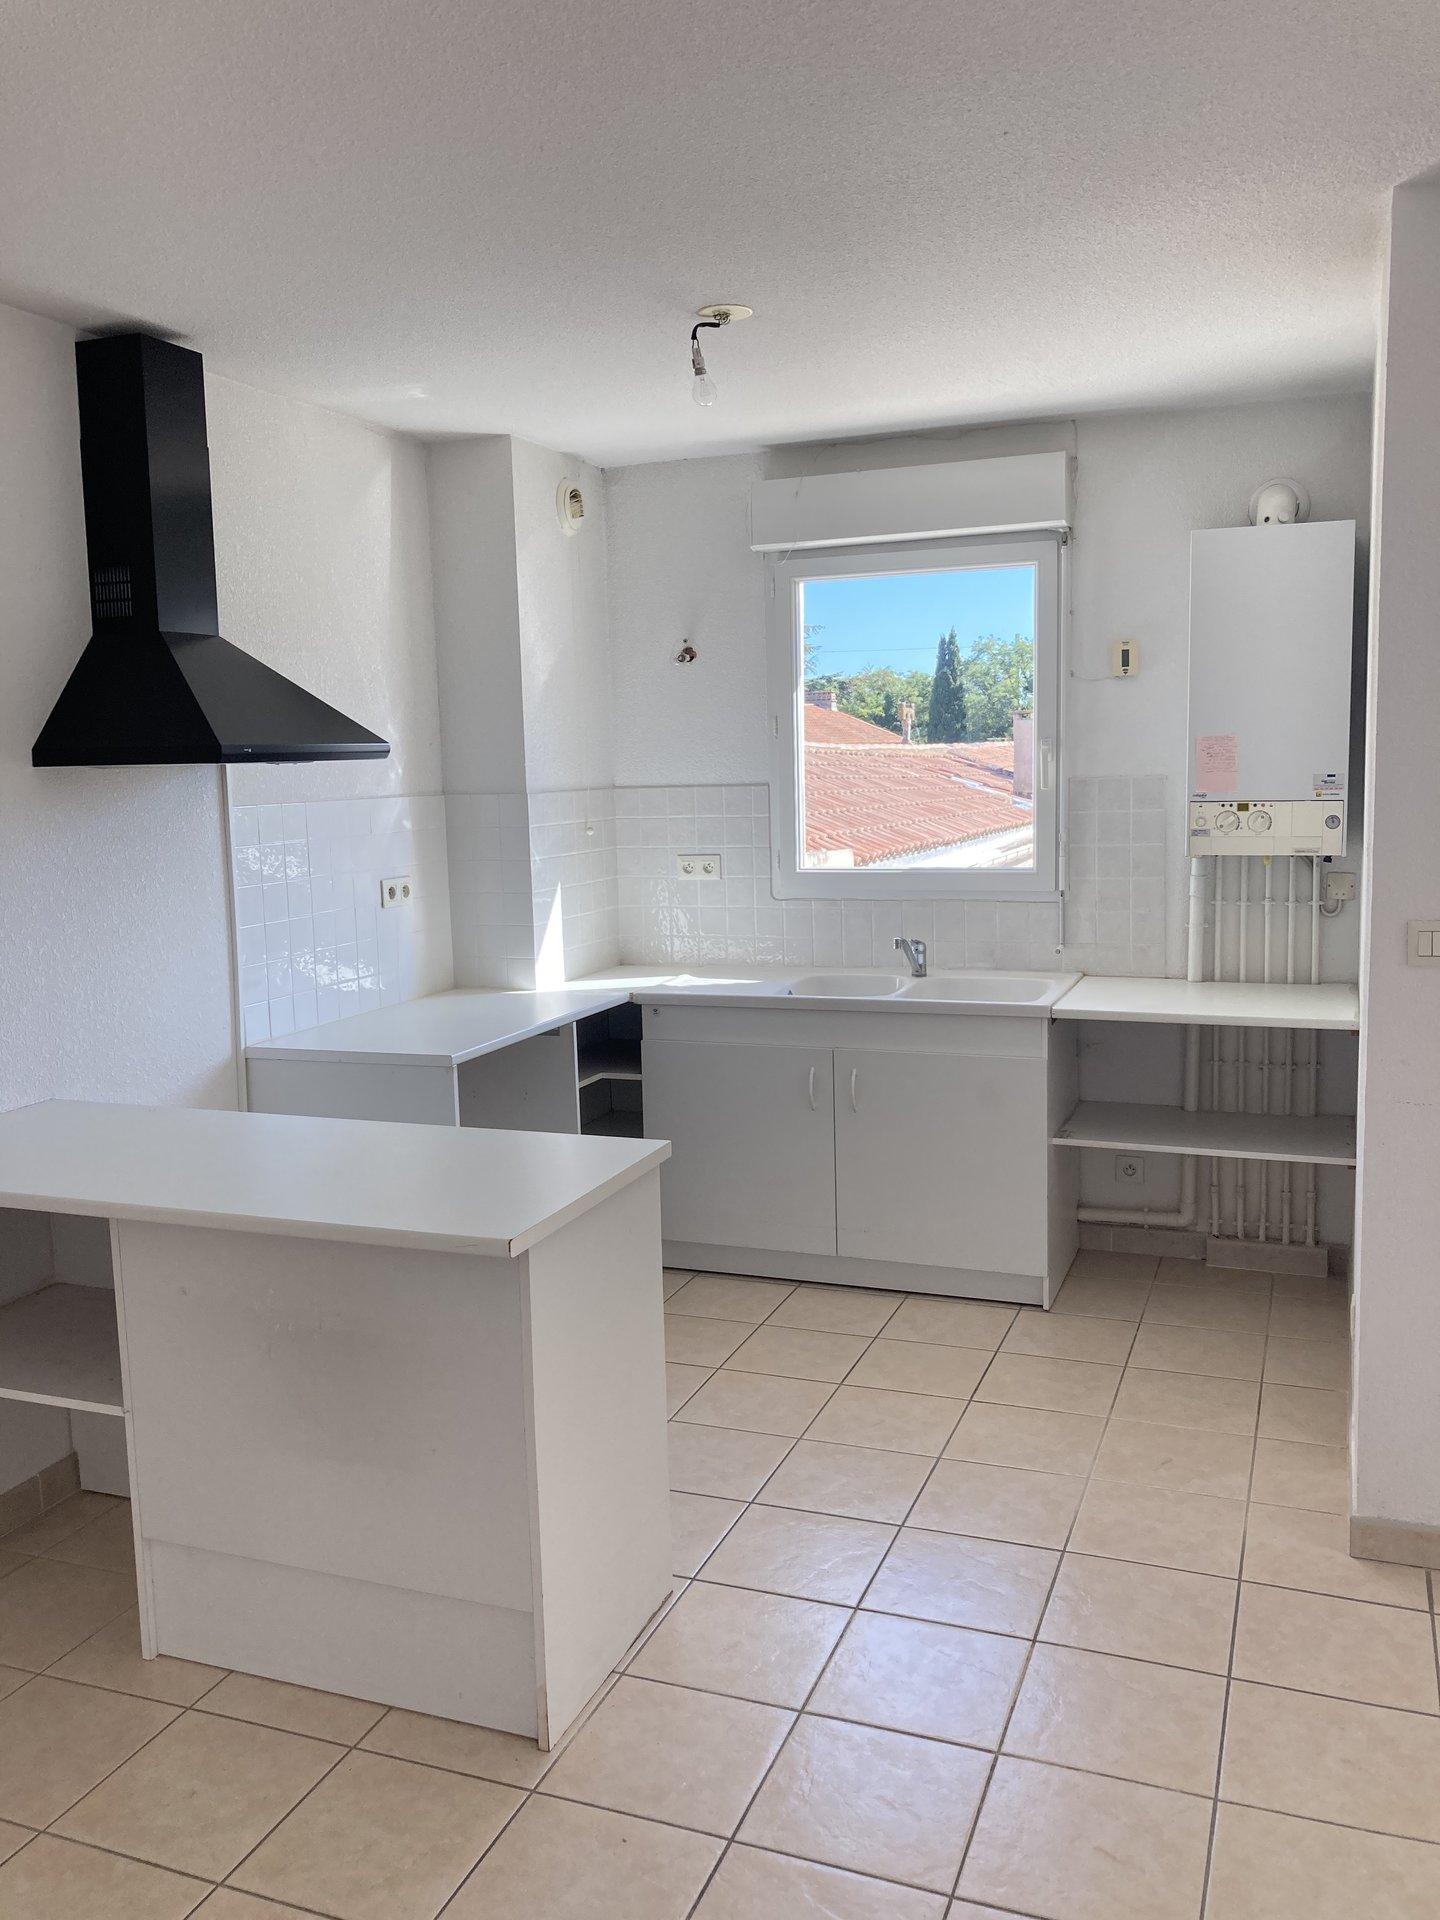 Vente Appartement TARASCON 1 salles de bain